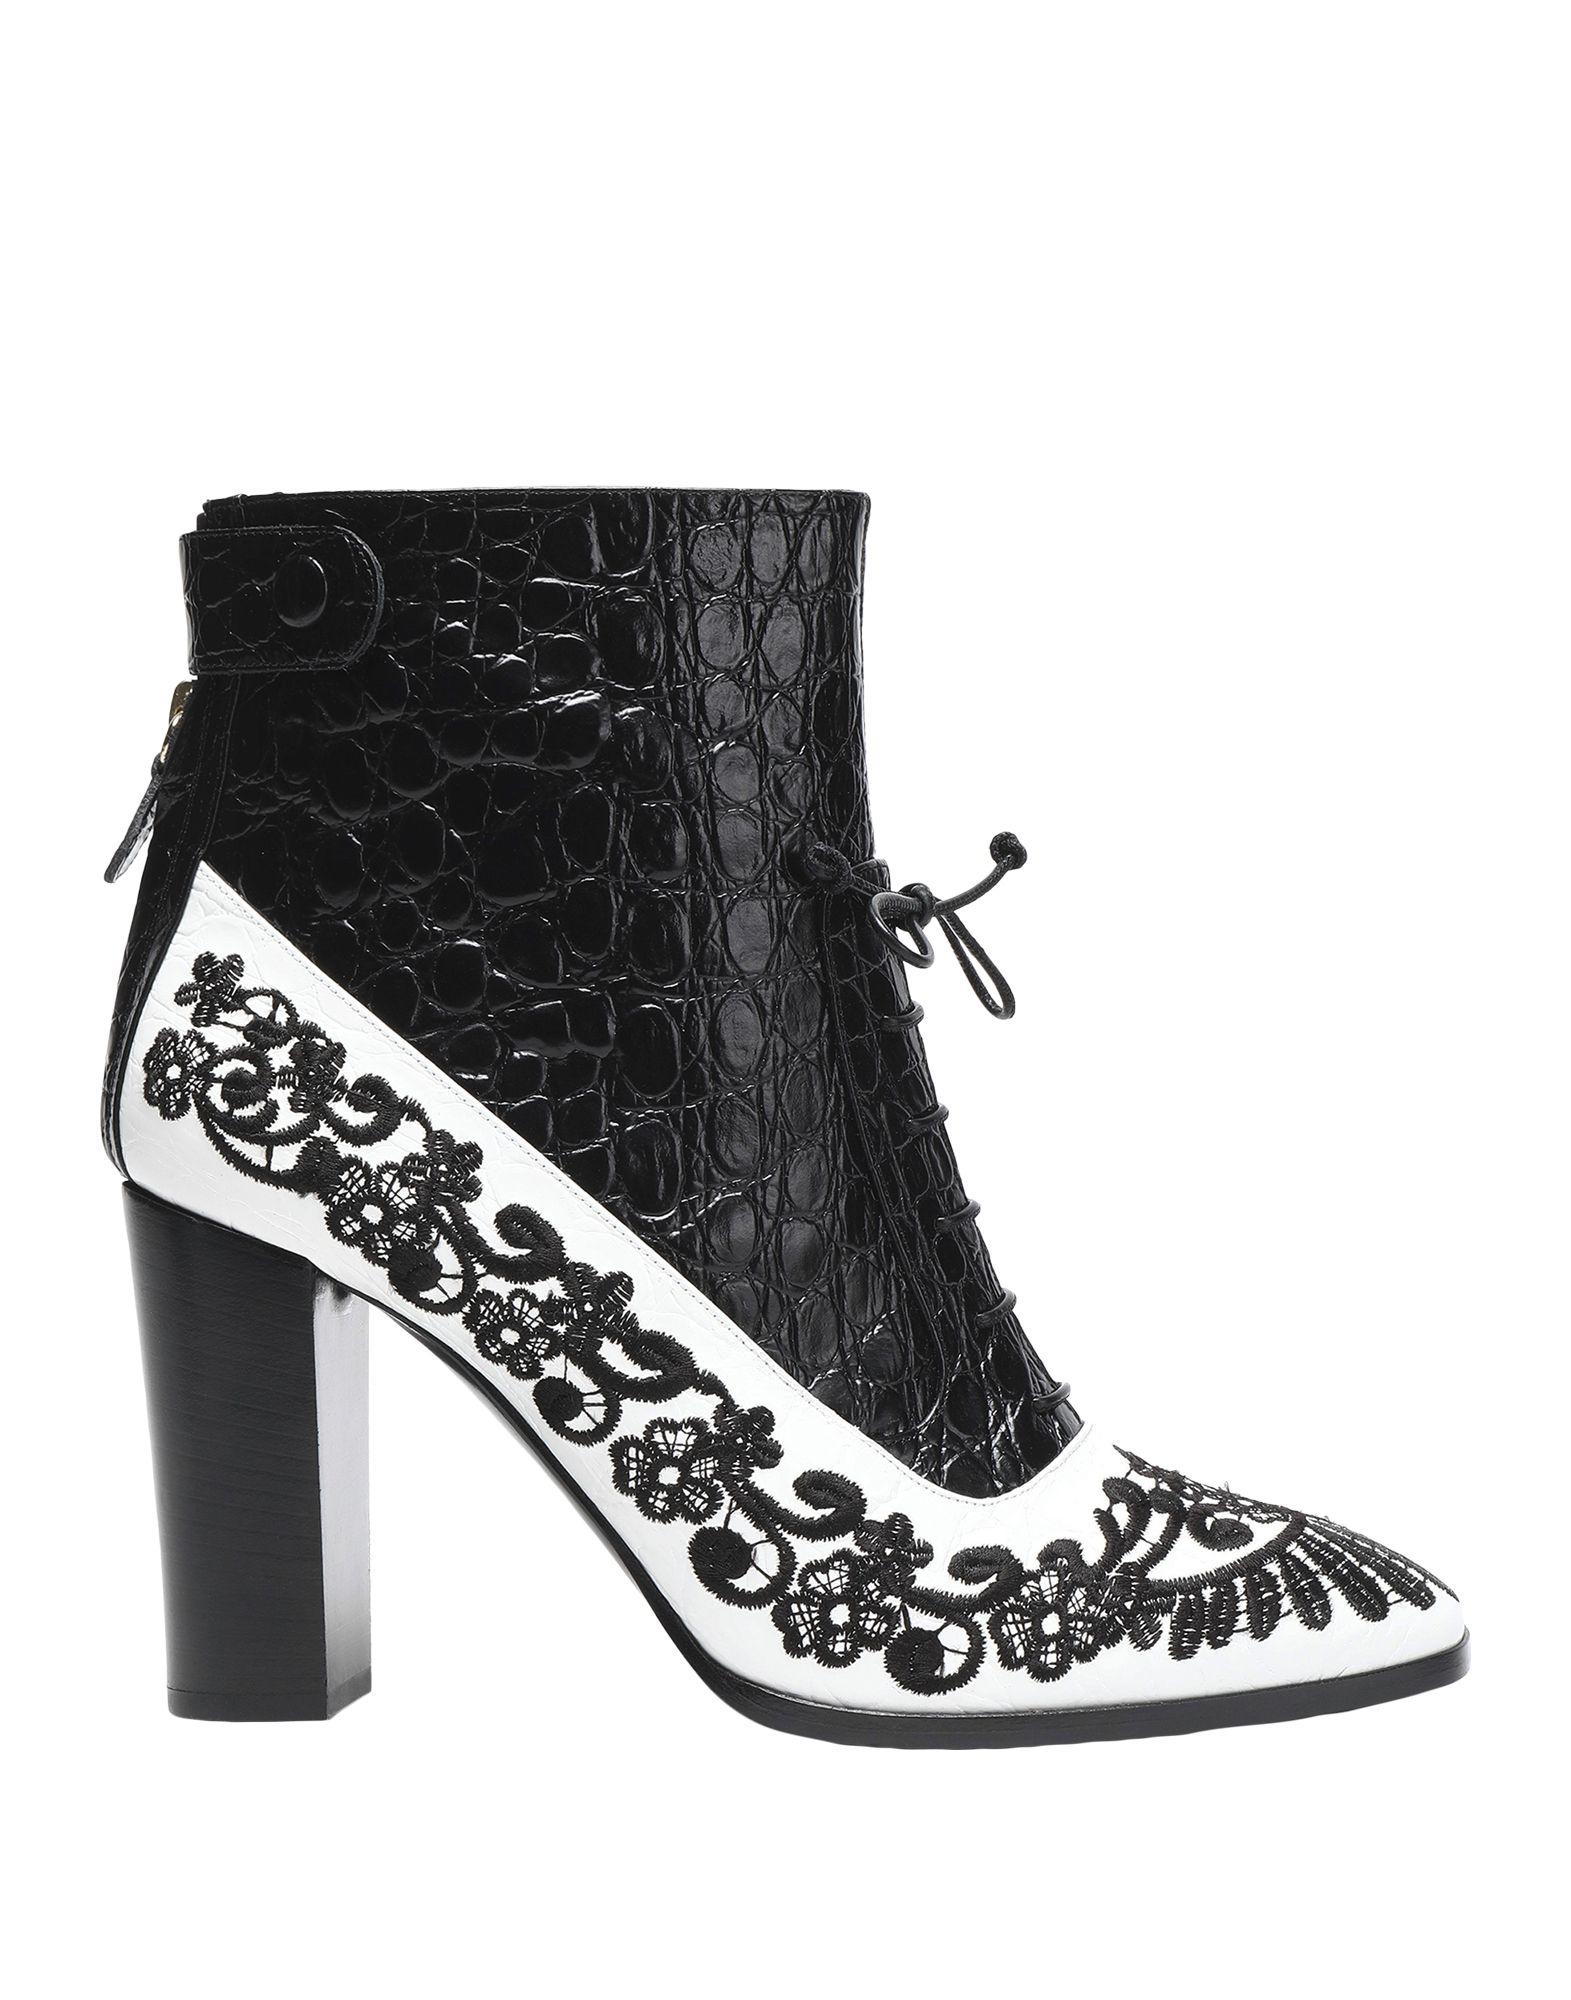 NICHOLAS KIRKWOOD FOR ERDEM Полусапоги и высокие ботинки цены онлайн